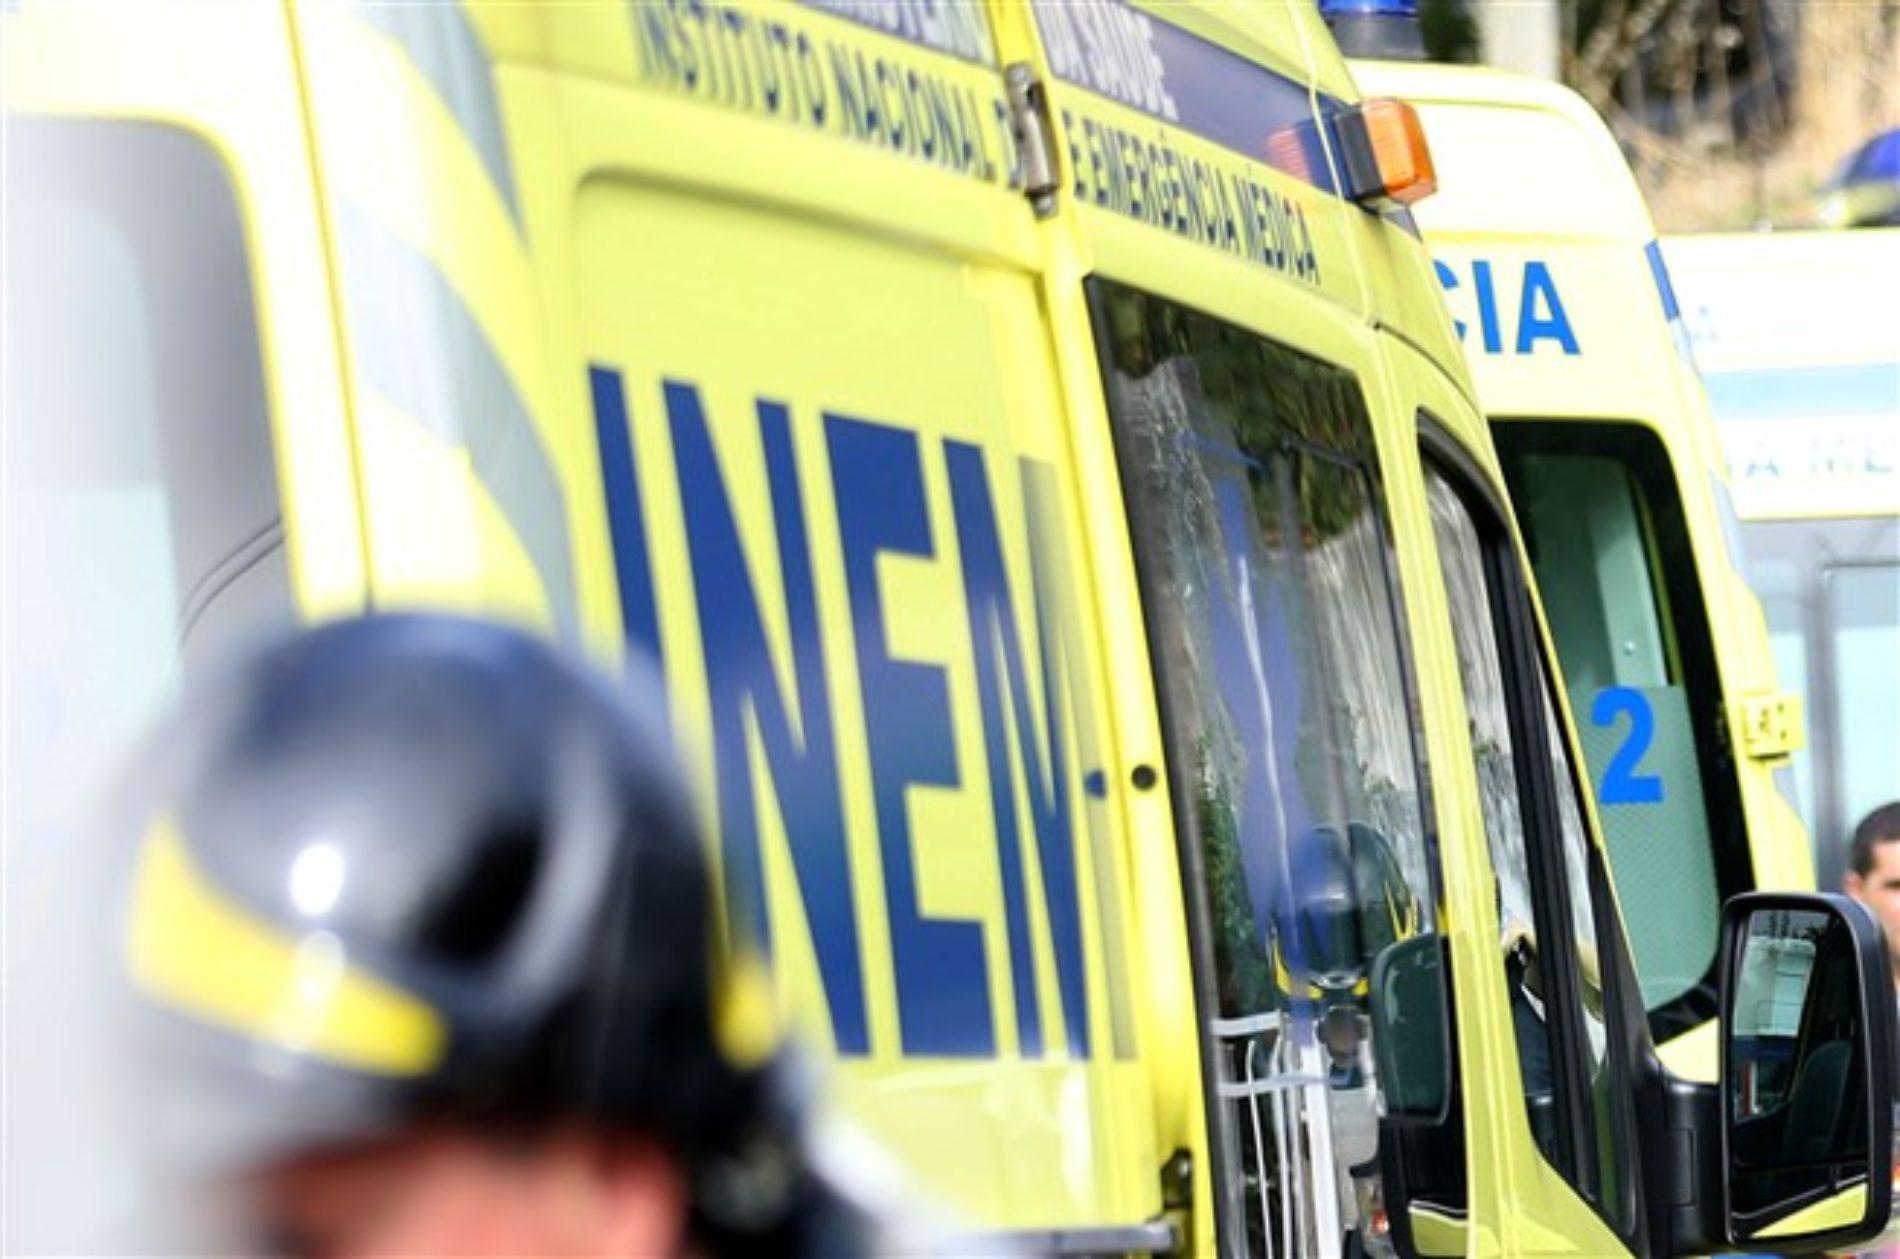 Guarda: Explosão causa um ferido ligeiro